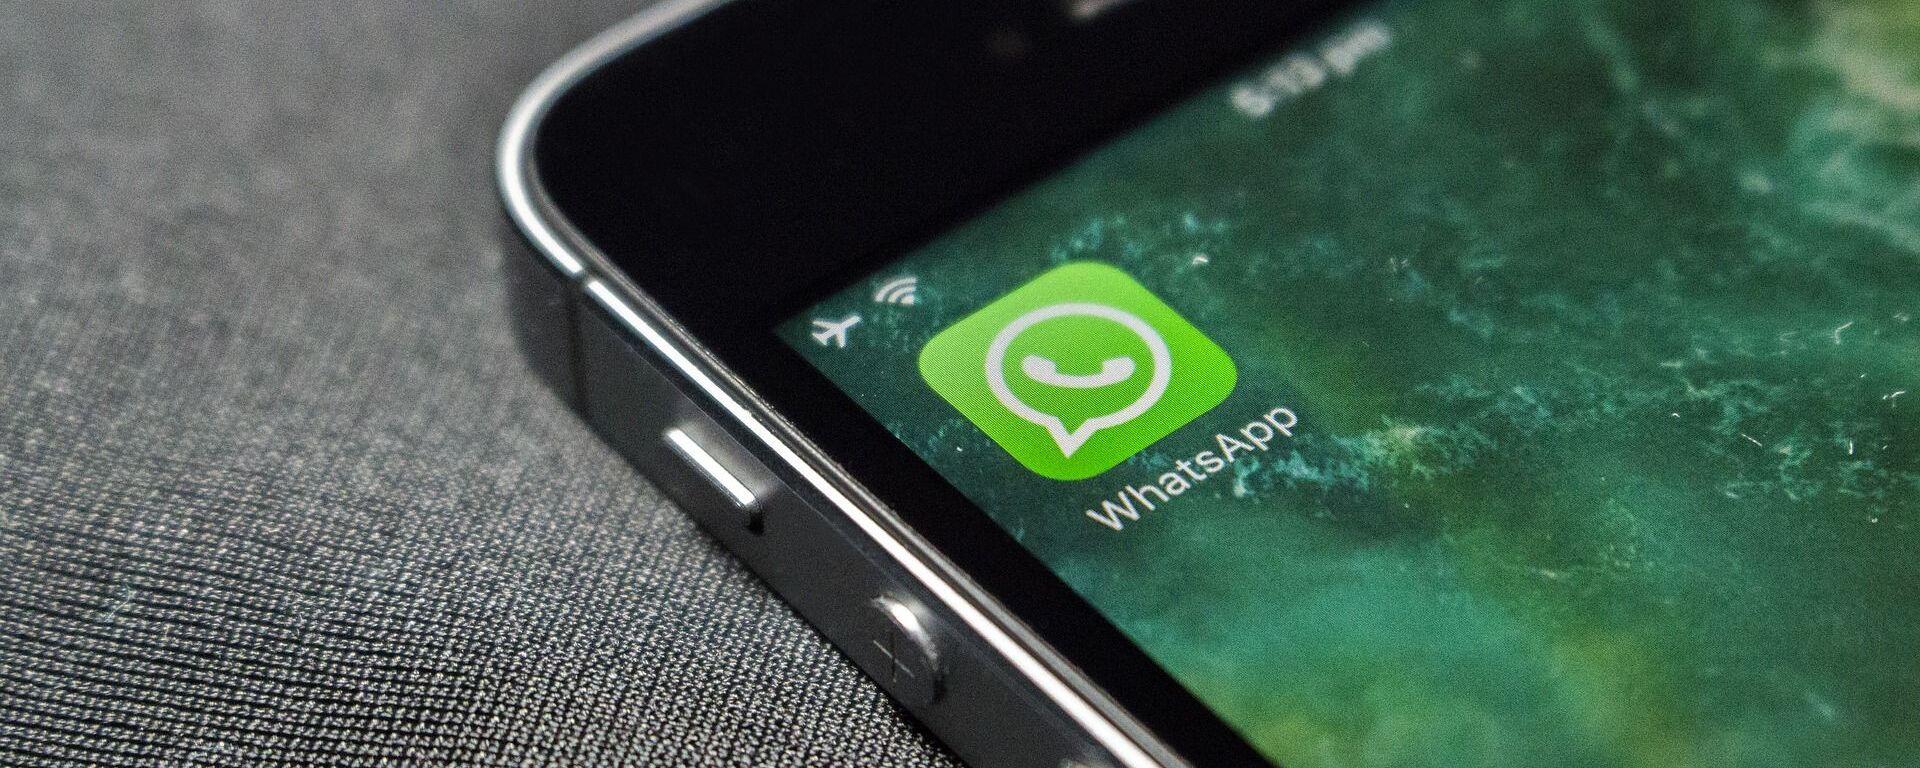 Logo dell'applicazione WhatsApp sullo schermo di uno smarphone - Sputnik Italia, 1920, 13.04.2021